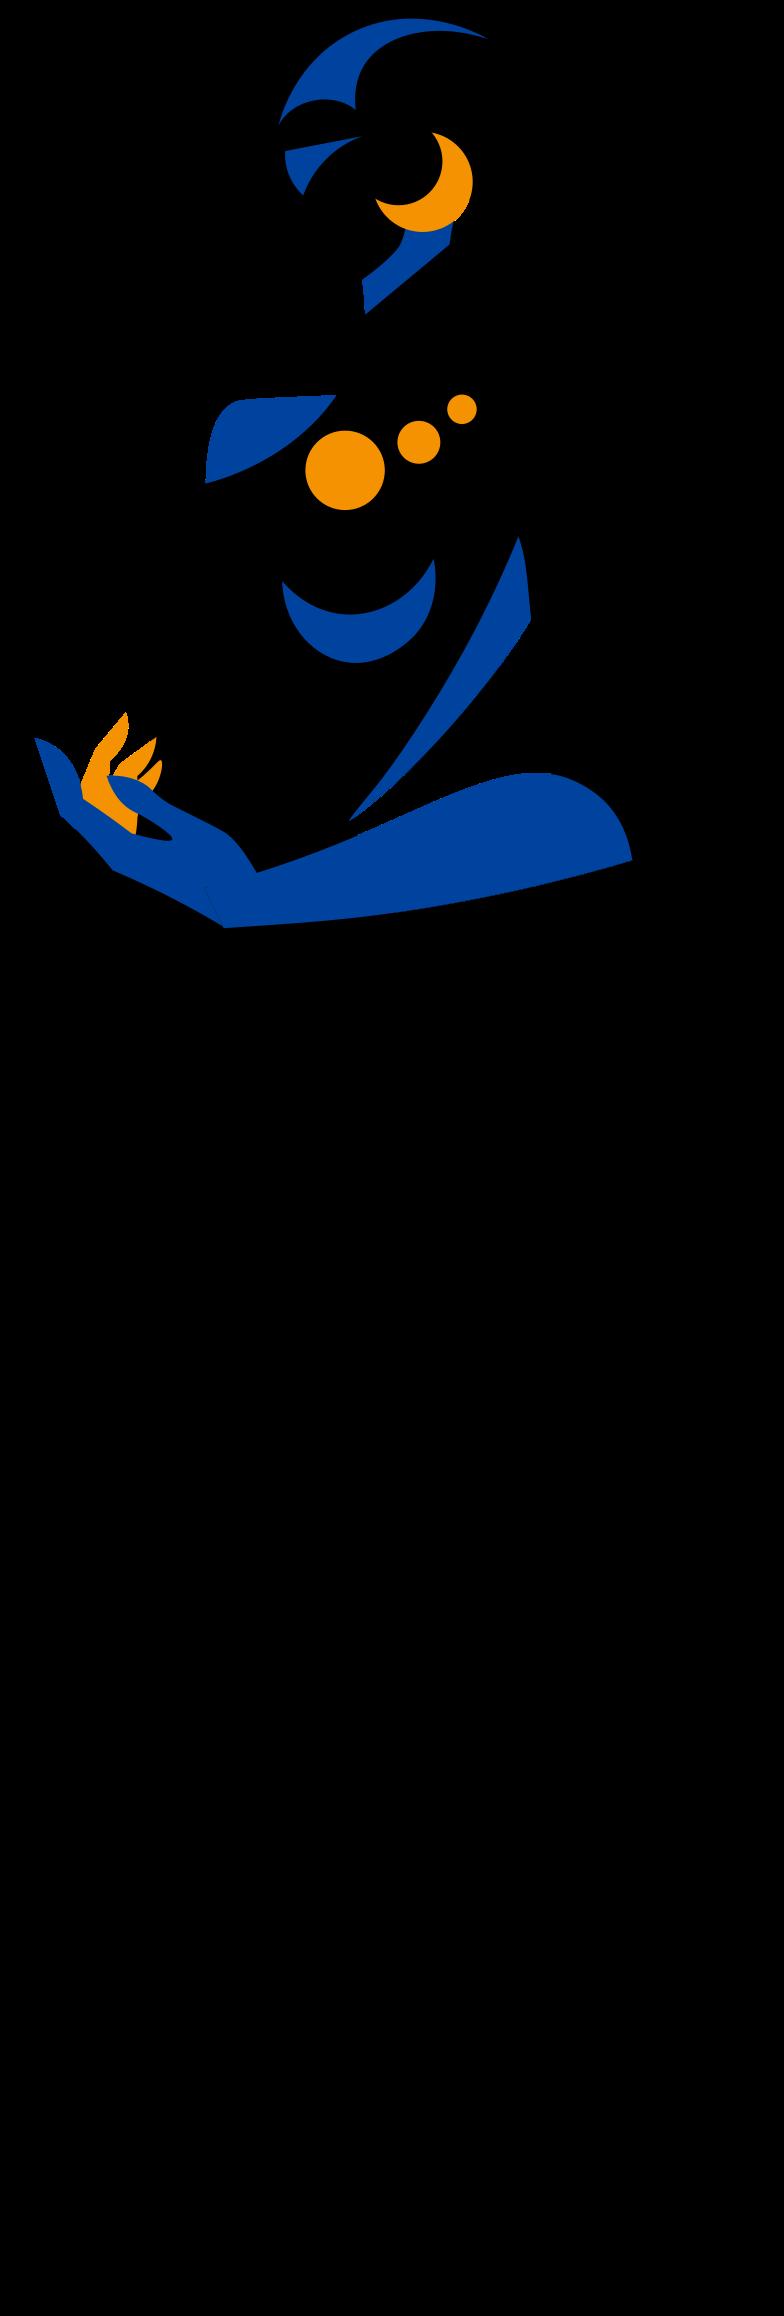 Immagine Vettoriale donna nera in PNG e SVG in stile  | Illustrazioni Icons8